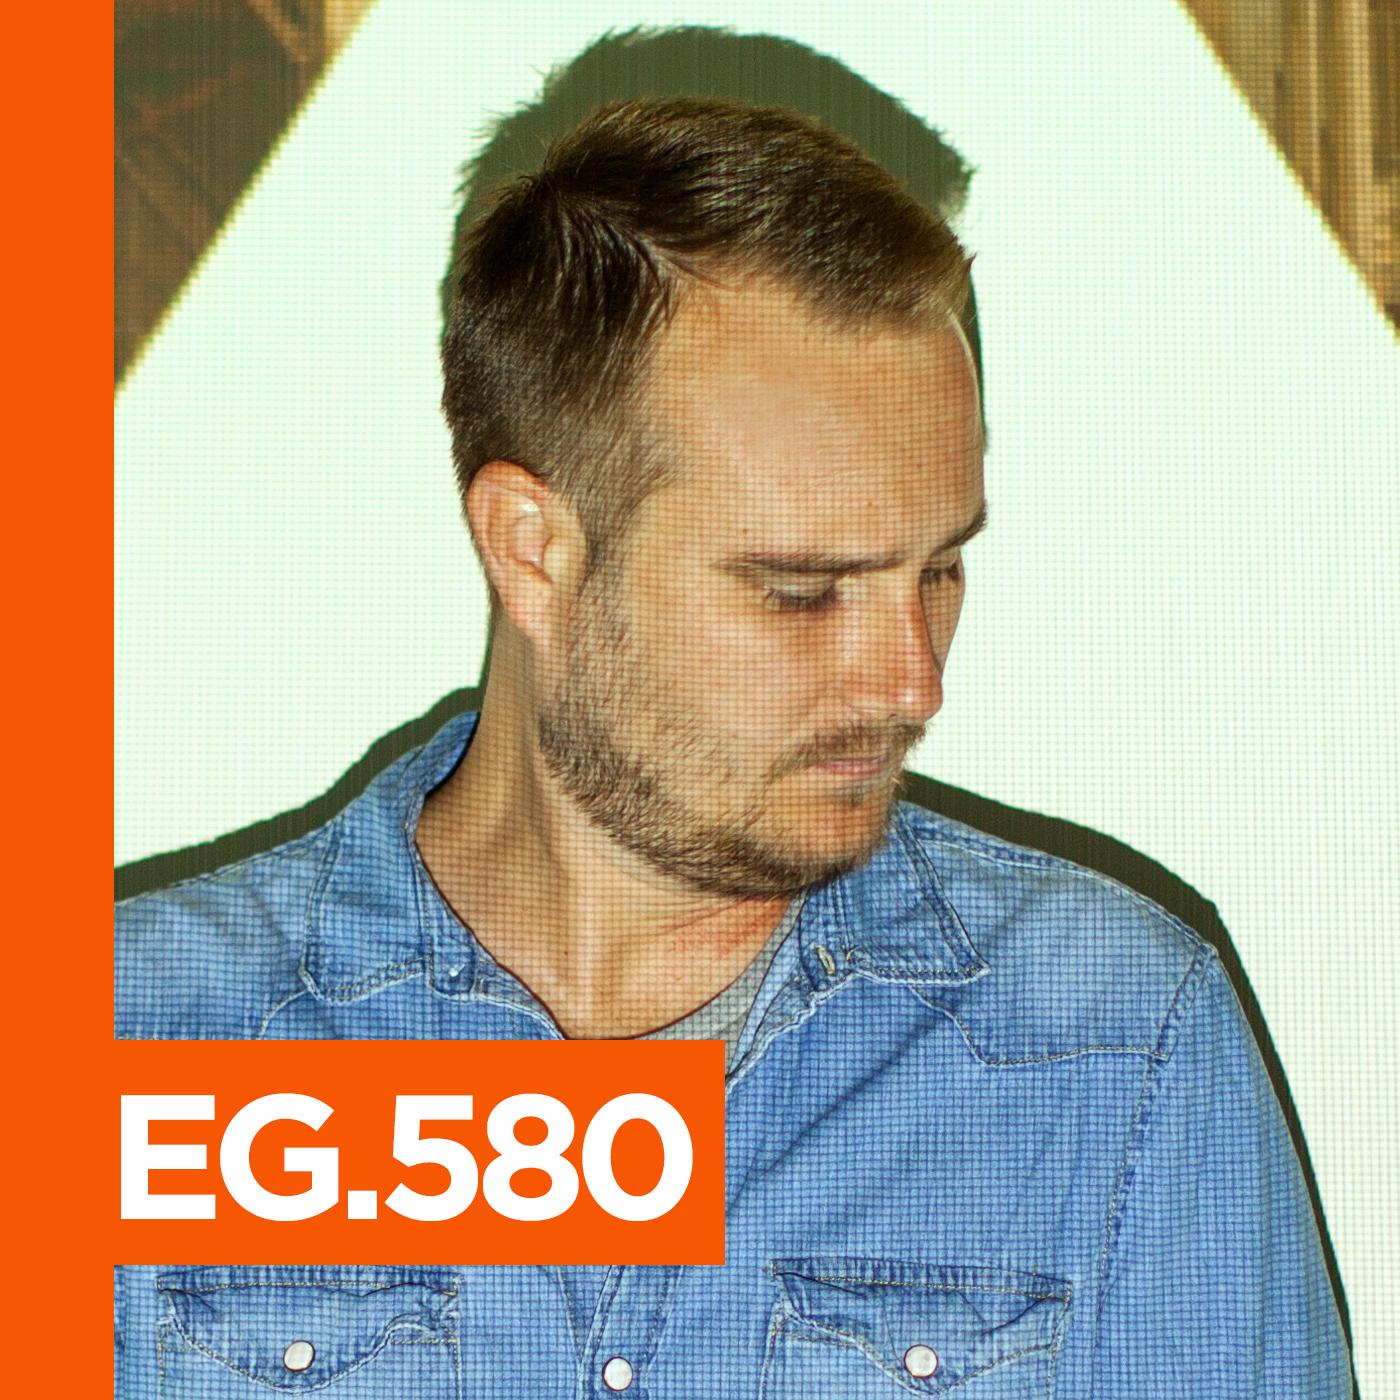 EG.580 Mihai Popoviciu